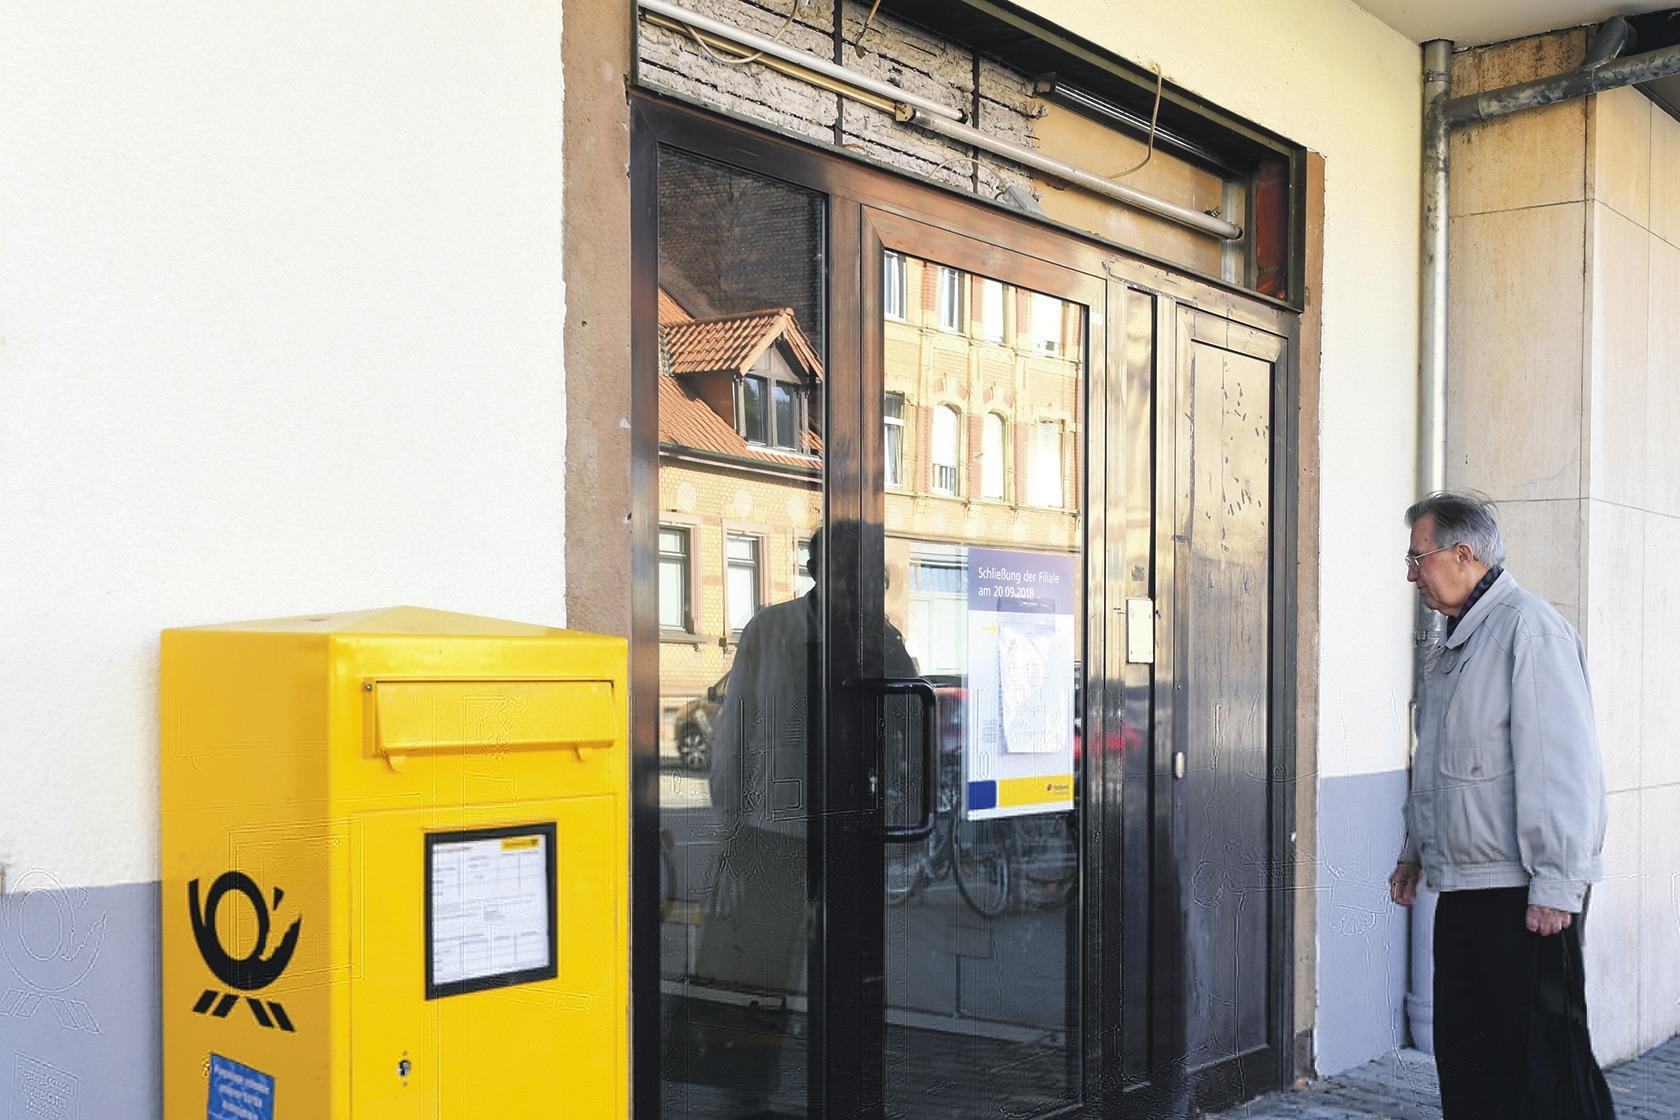 Post Handschuhsheim